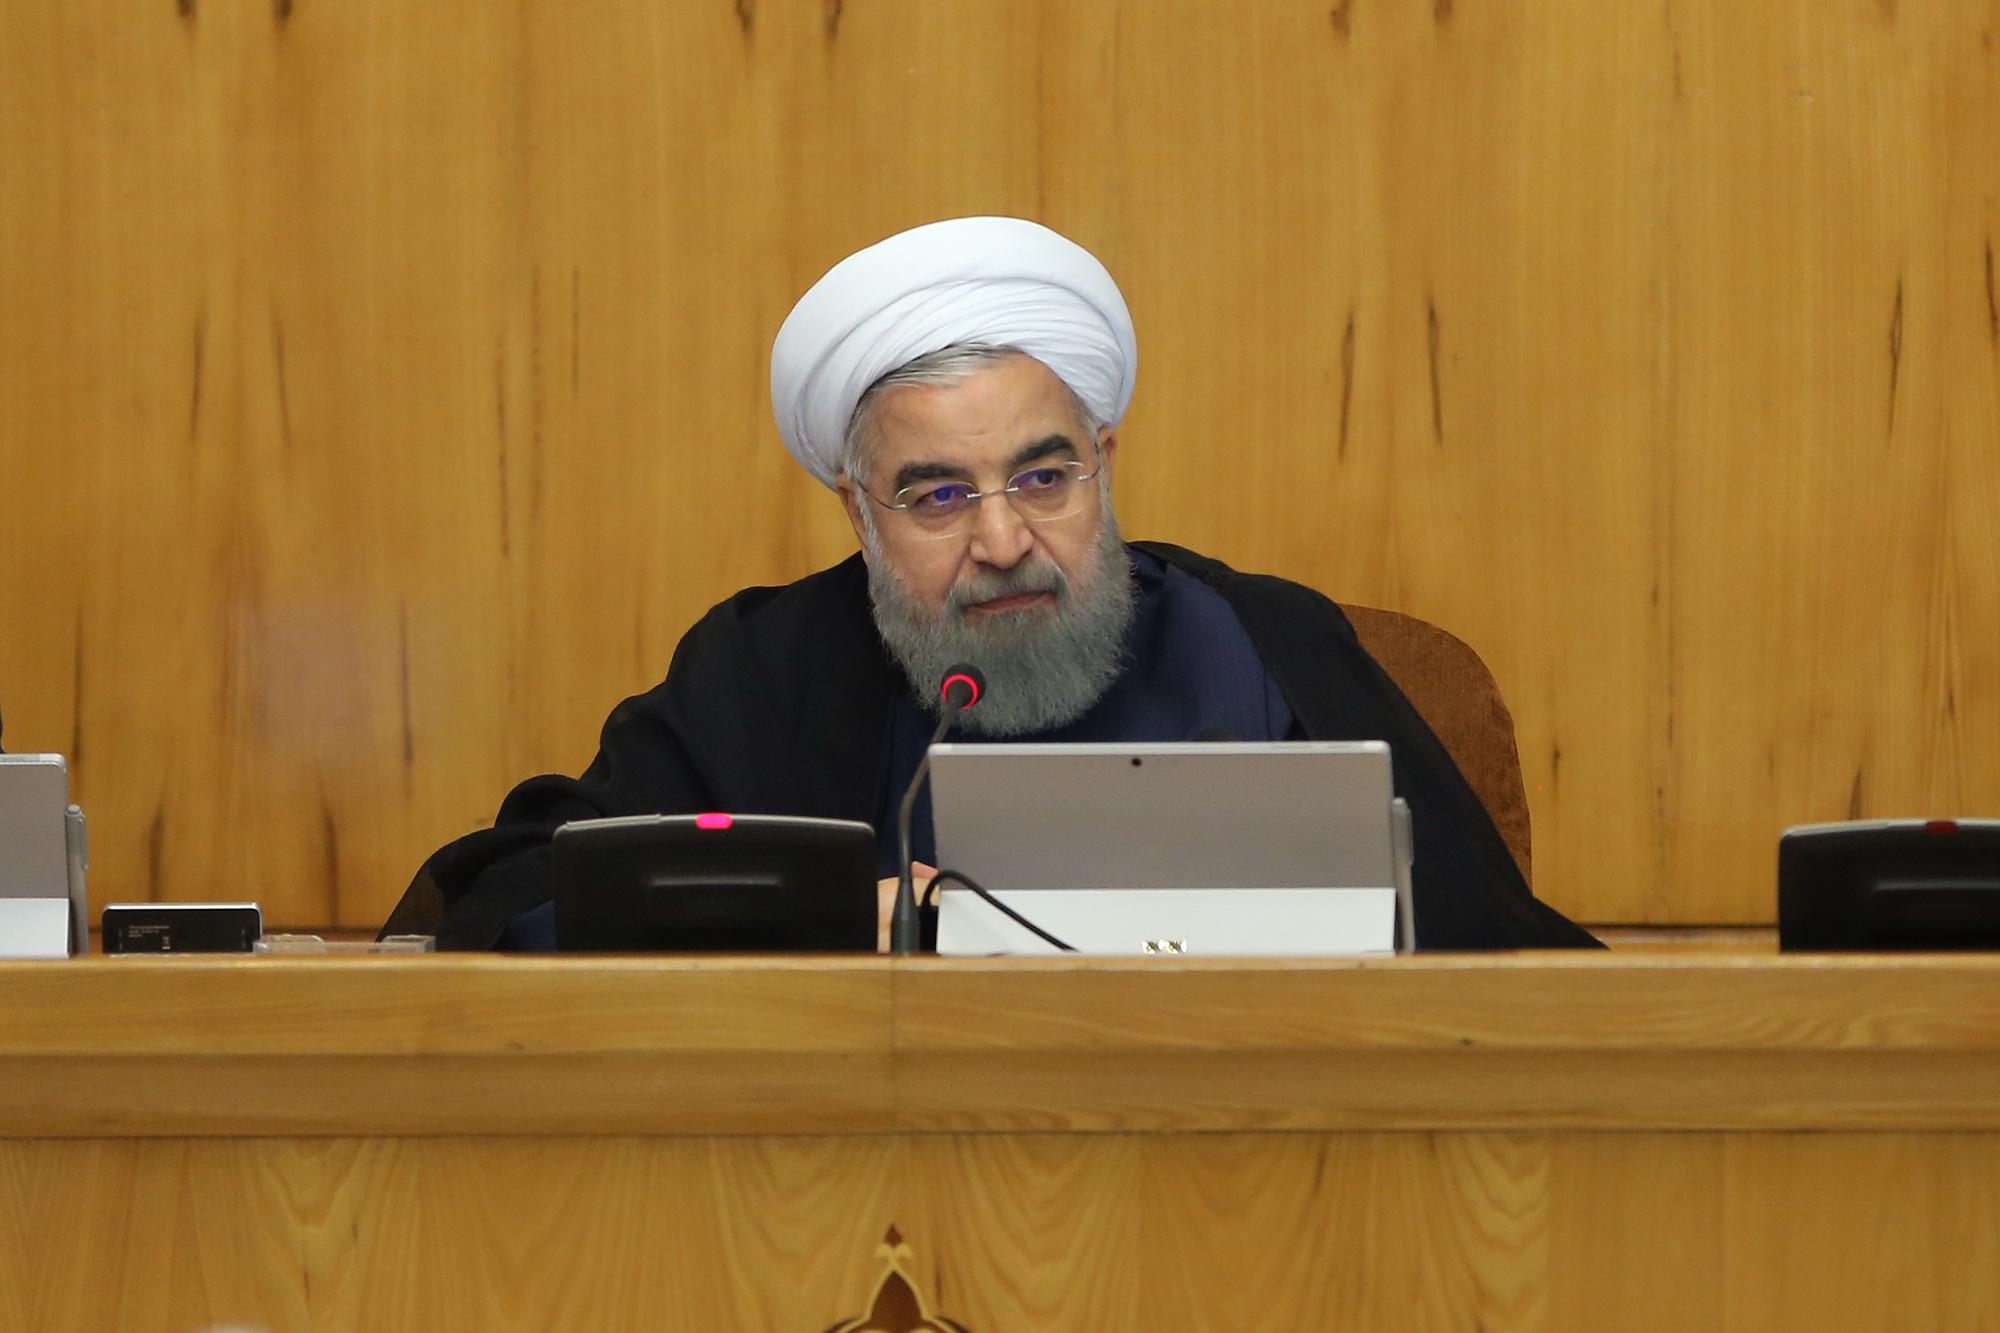 خبرنگار: سیدی/ قاسمی/چرا رئیس جمهور در جلسات مجمع تشخیص شرکت نمیکند؟